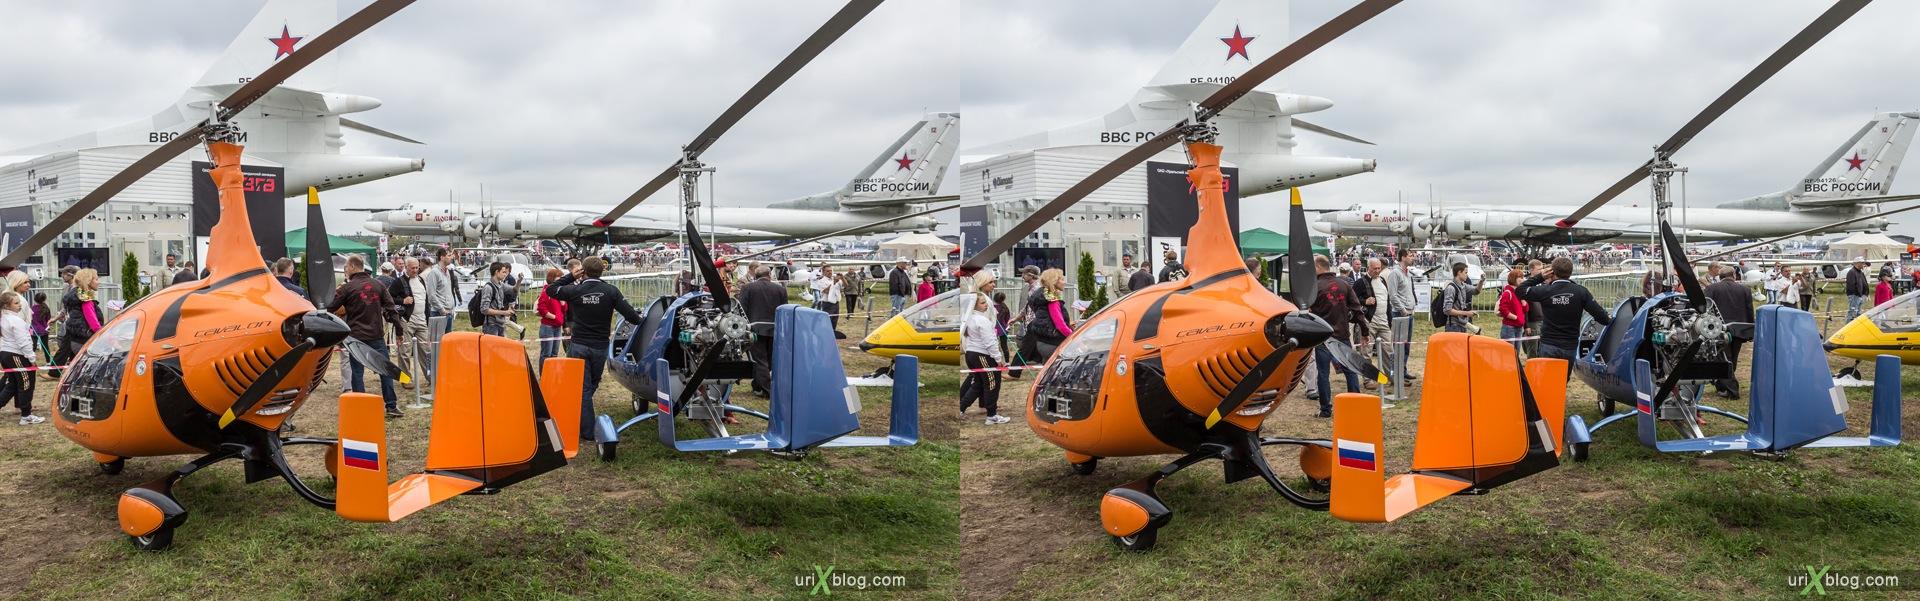 2013, Автожир Cavalon, Россия, Раменское, Жуковский, аэродром, самолёт, экспозиция, МАКС, Международный Авиационно-космический Салон, 3D, перекрёстная стереопара, стерео, стереопара